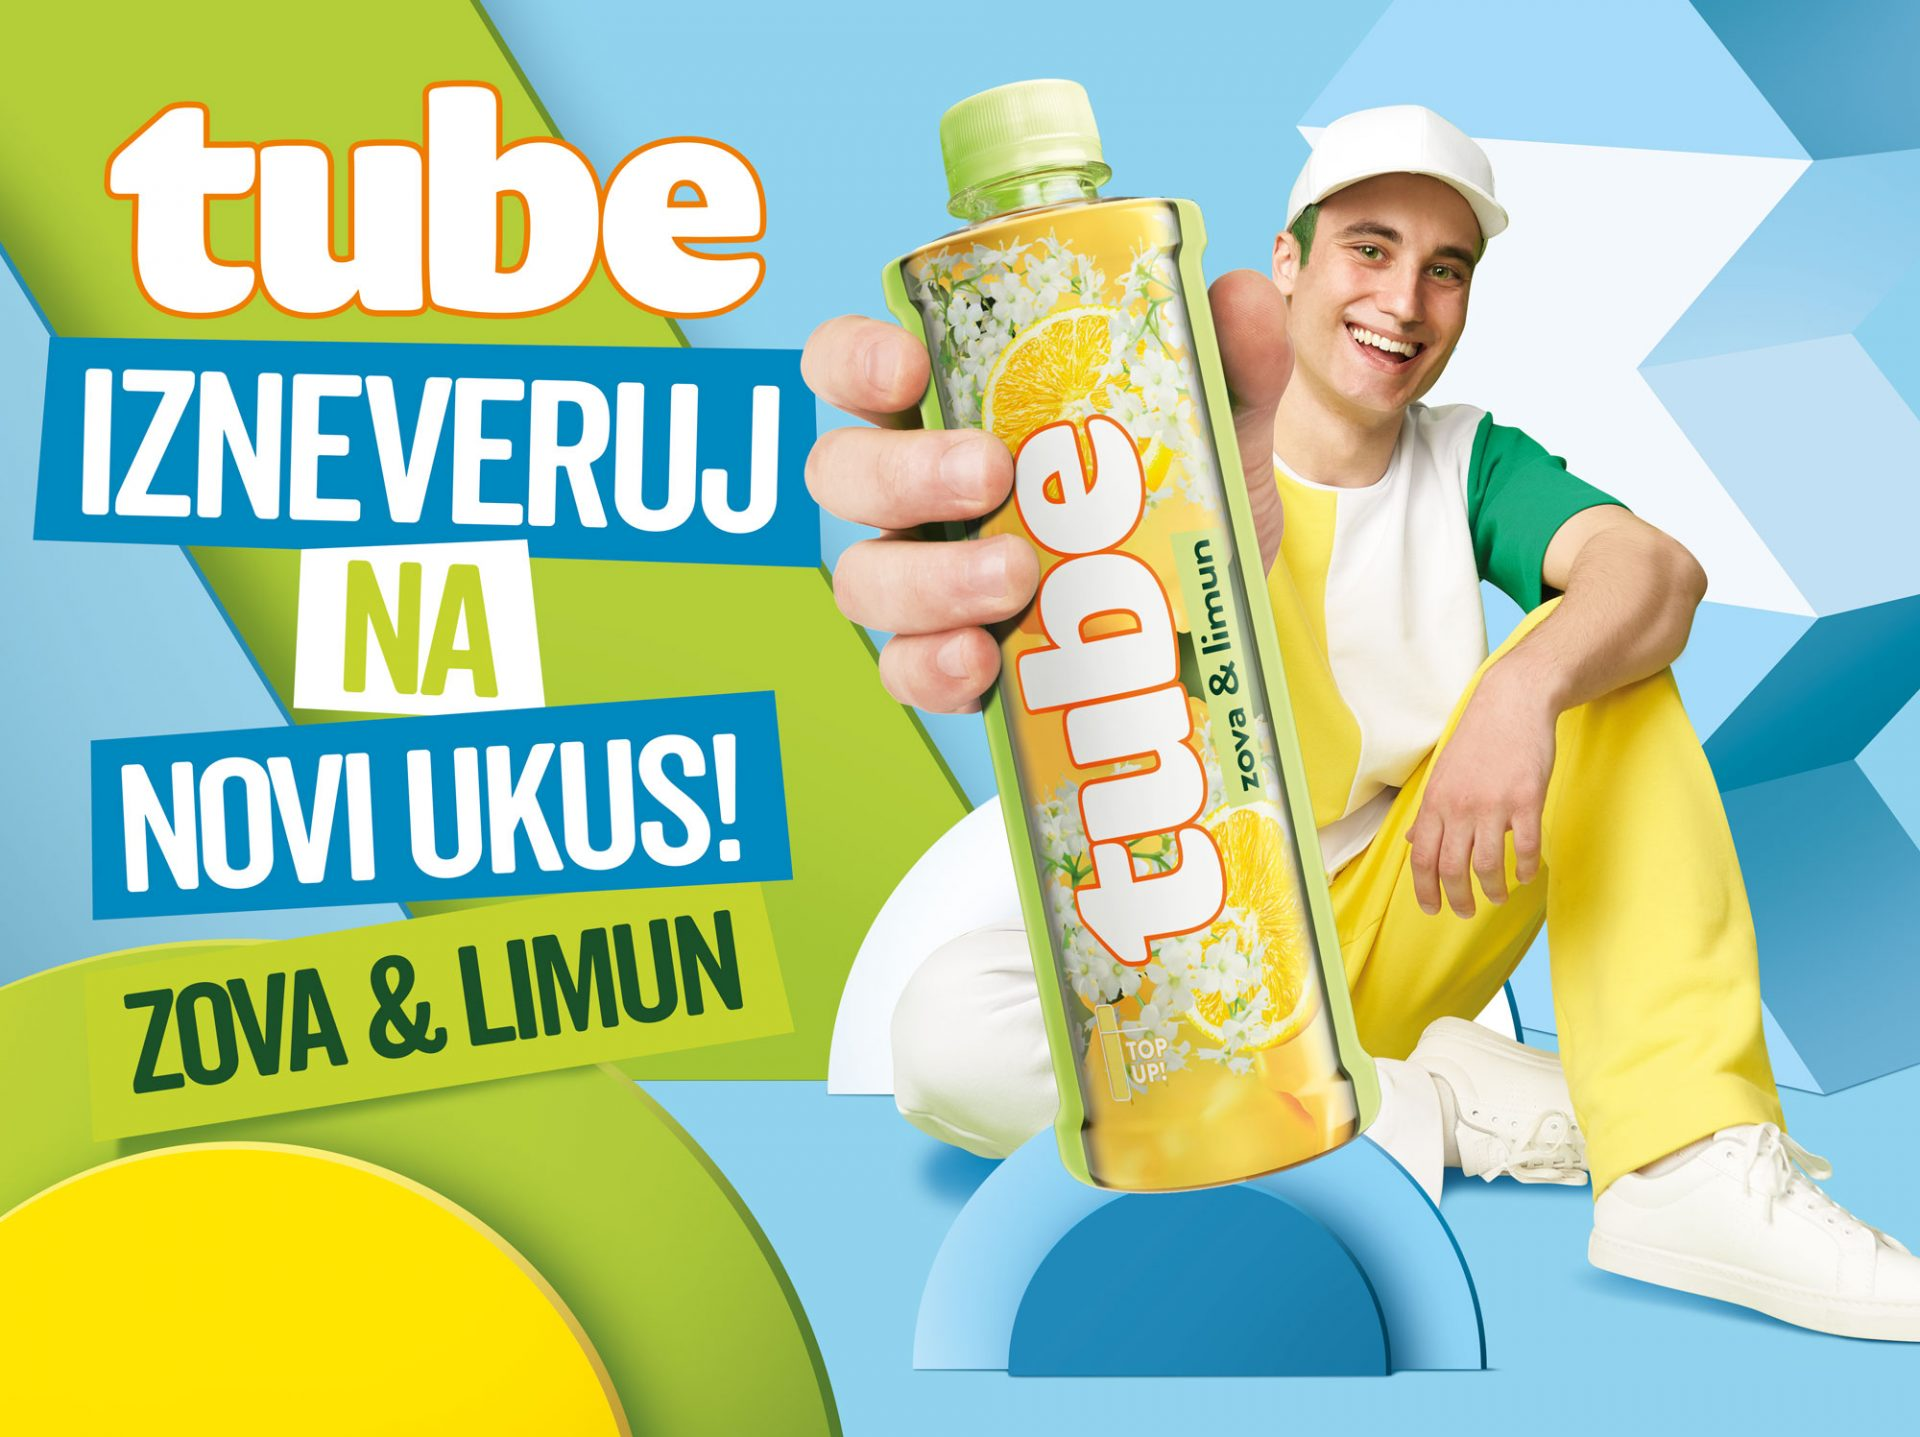 Tube-Billboard_Zova&Limun_decko_4x3